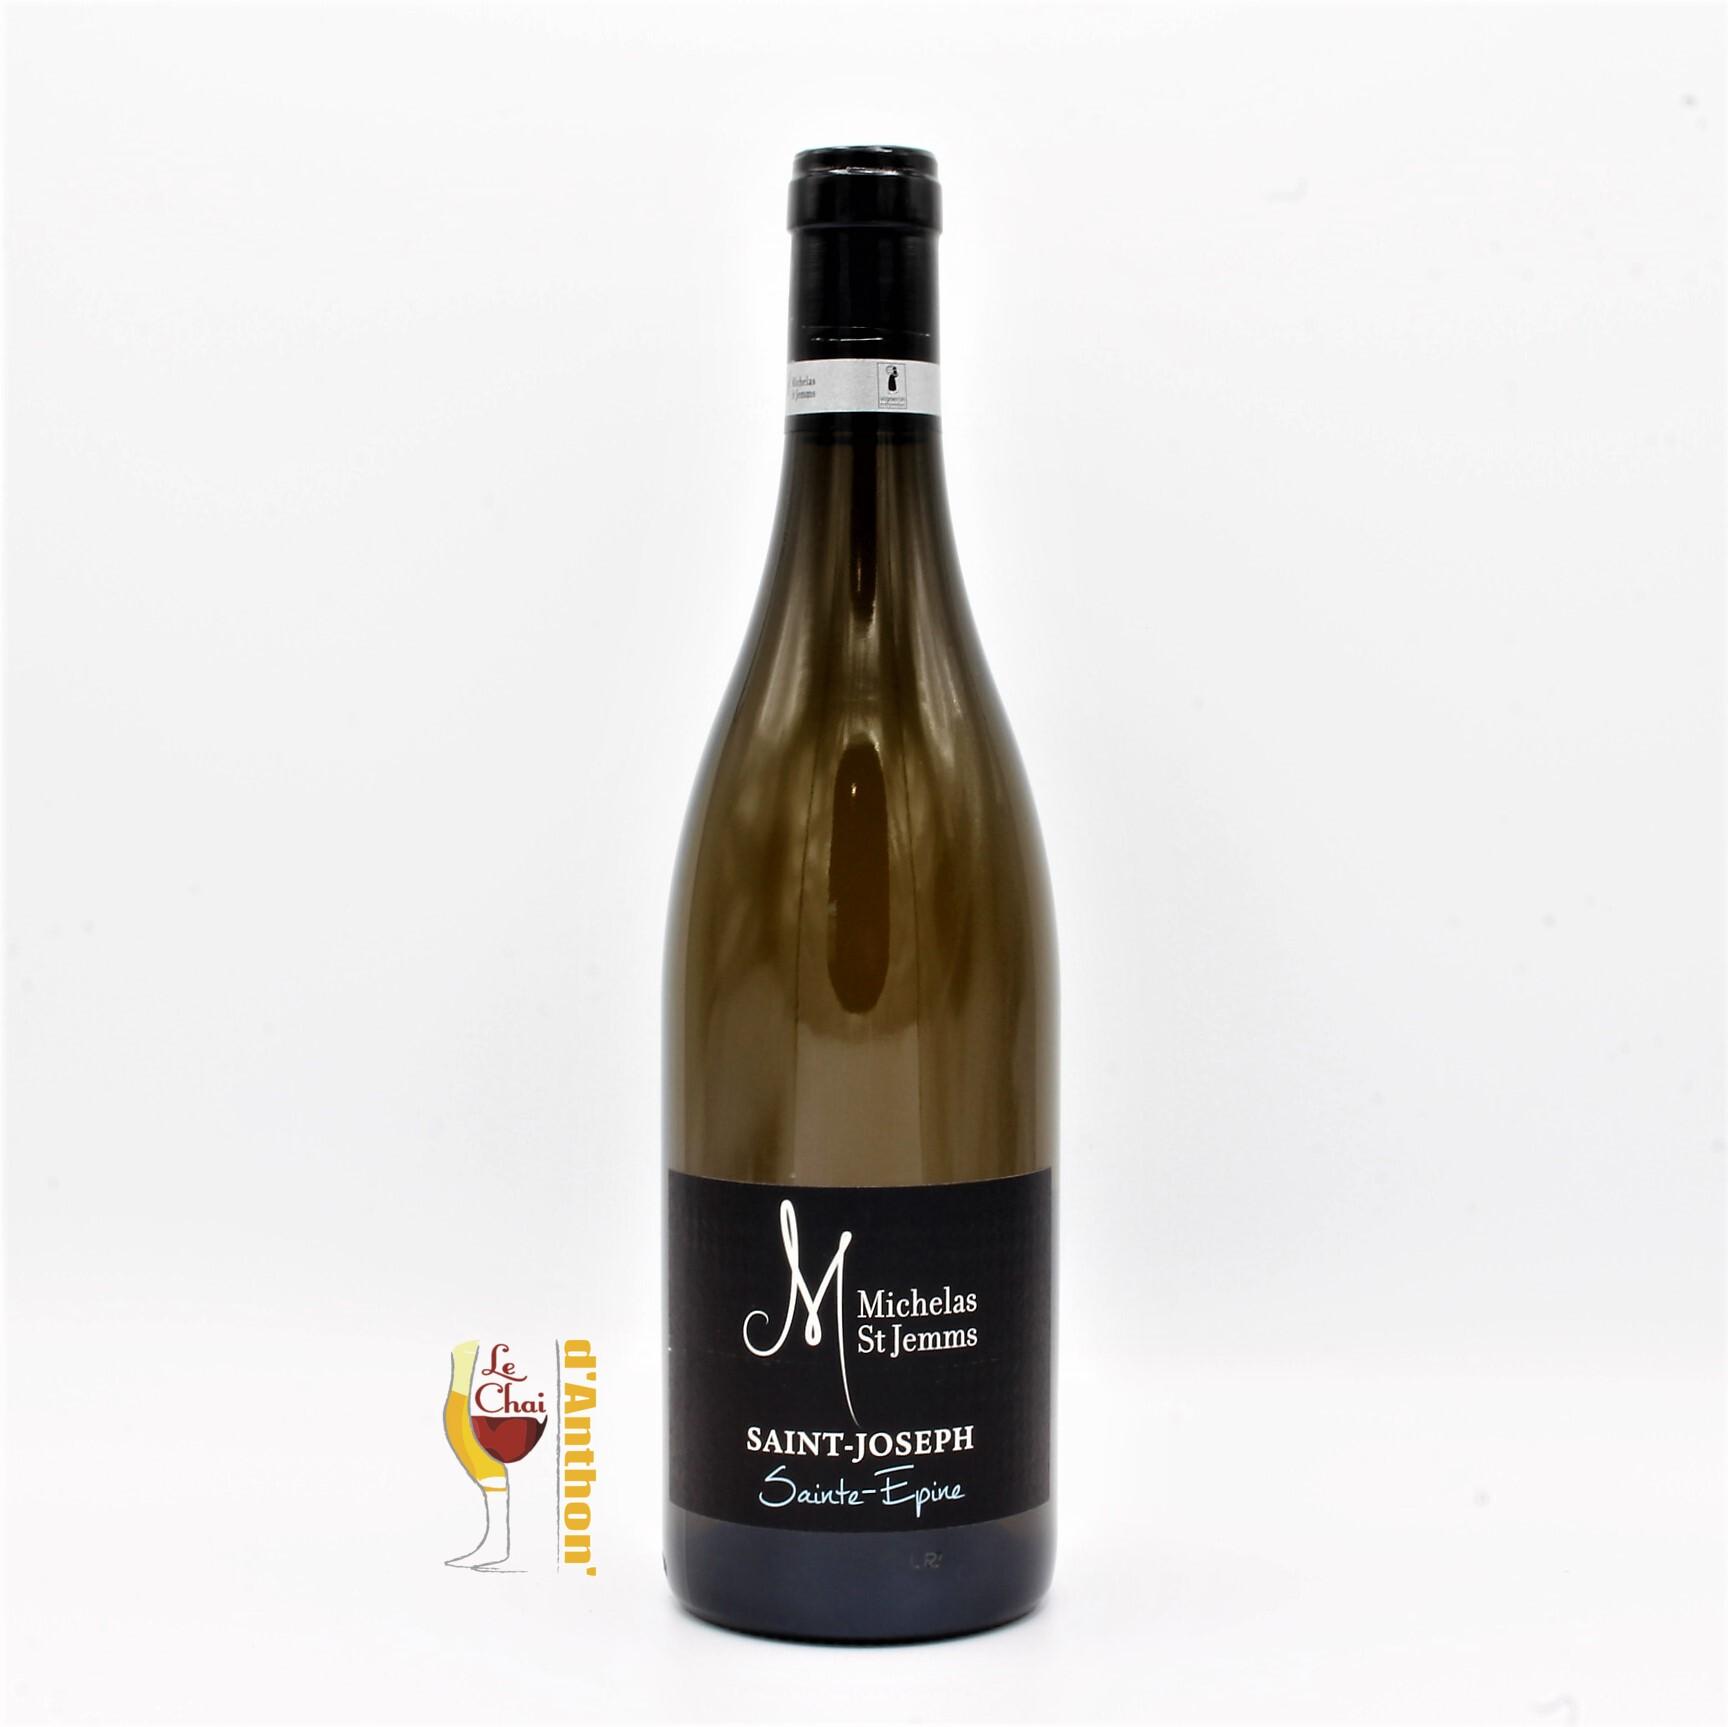 Vin Blanc Bouteille Rhone St Joseph Michelas St Jemms 75cl